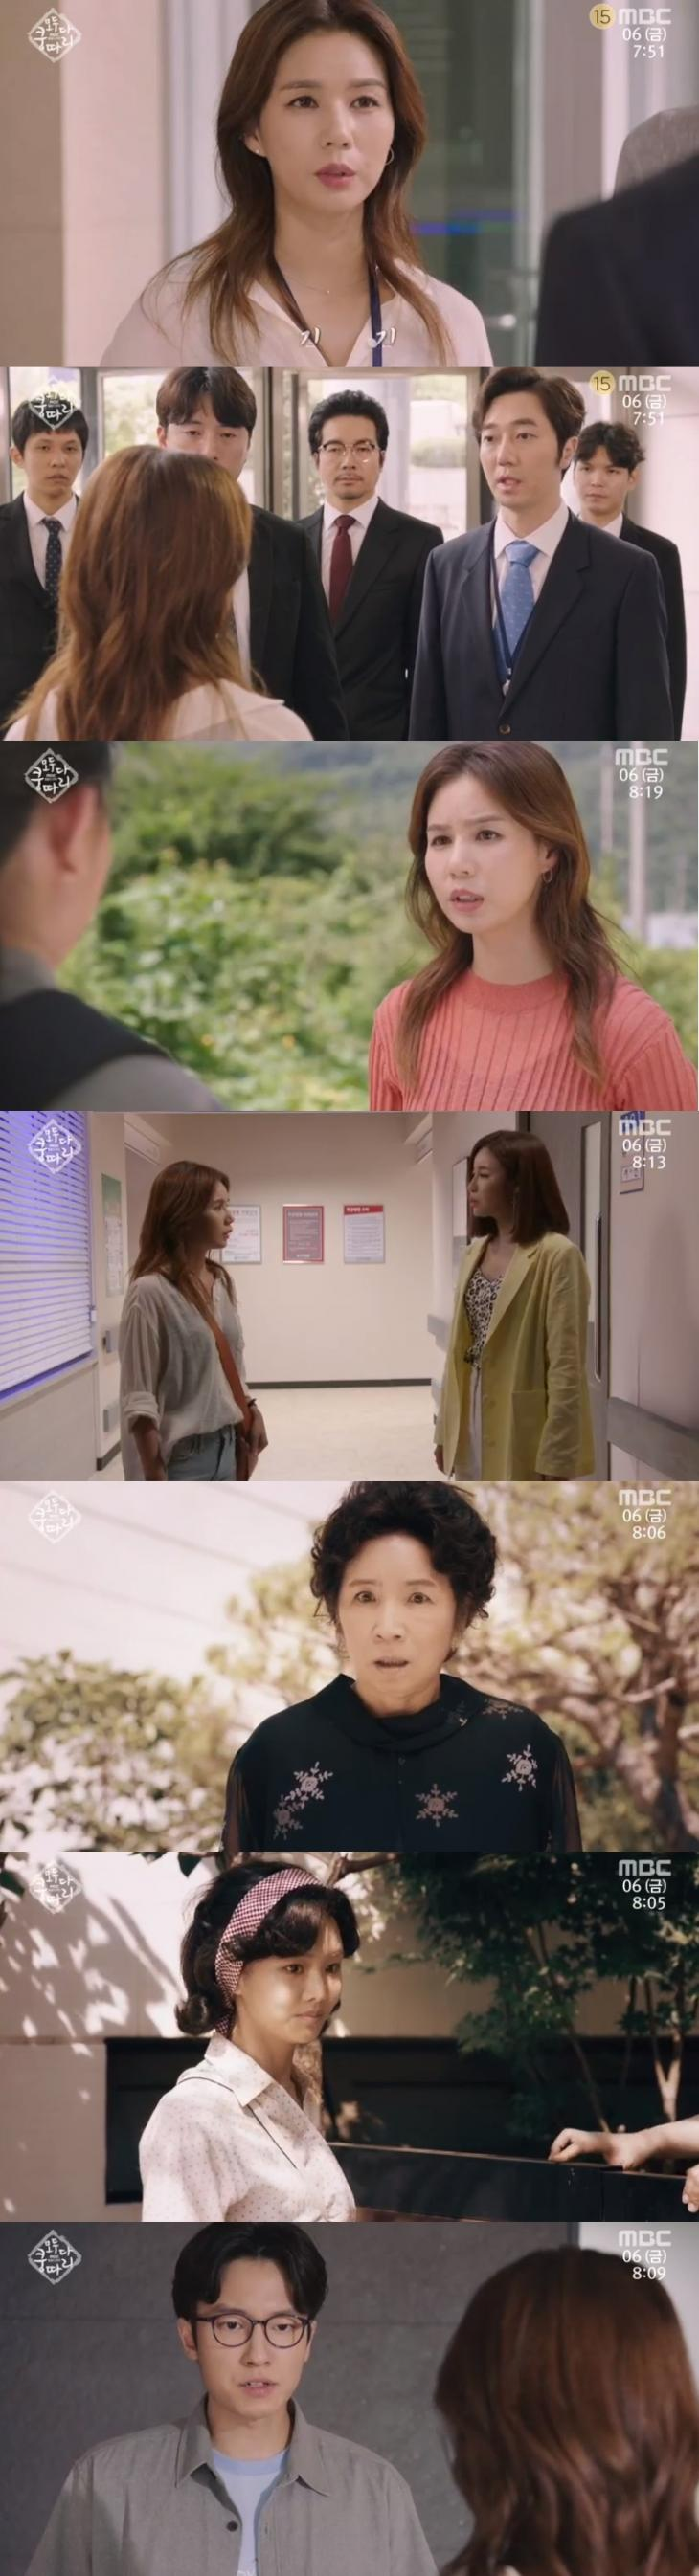 박시은 김호진 이보희 서혜진 강석정 / MBC '모두 다 쿵따리' 캡처